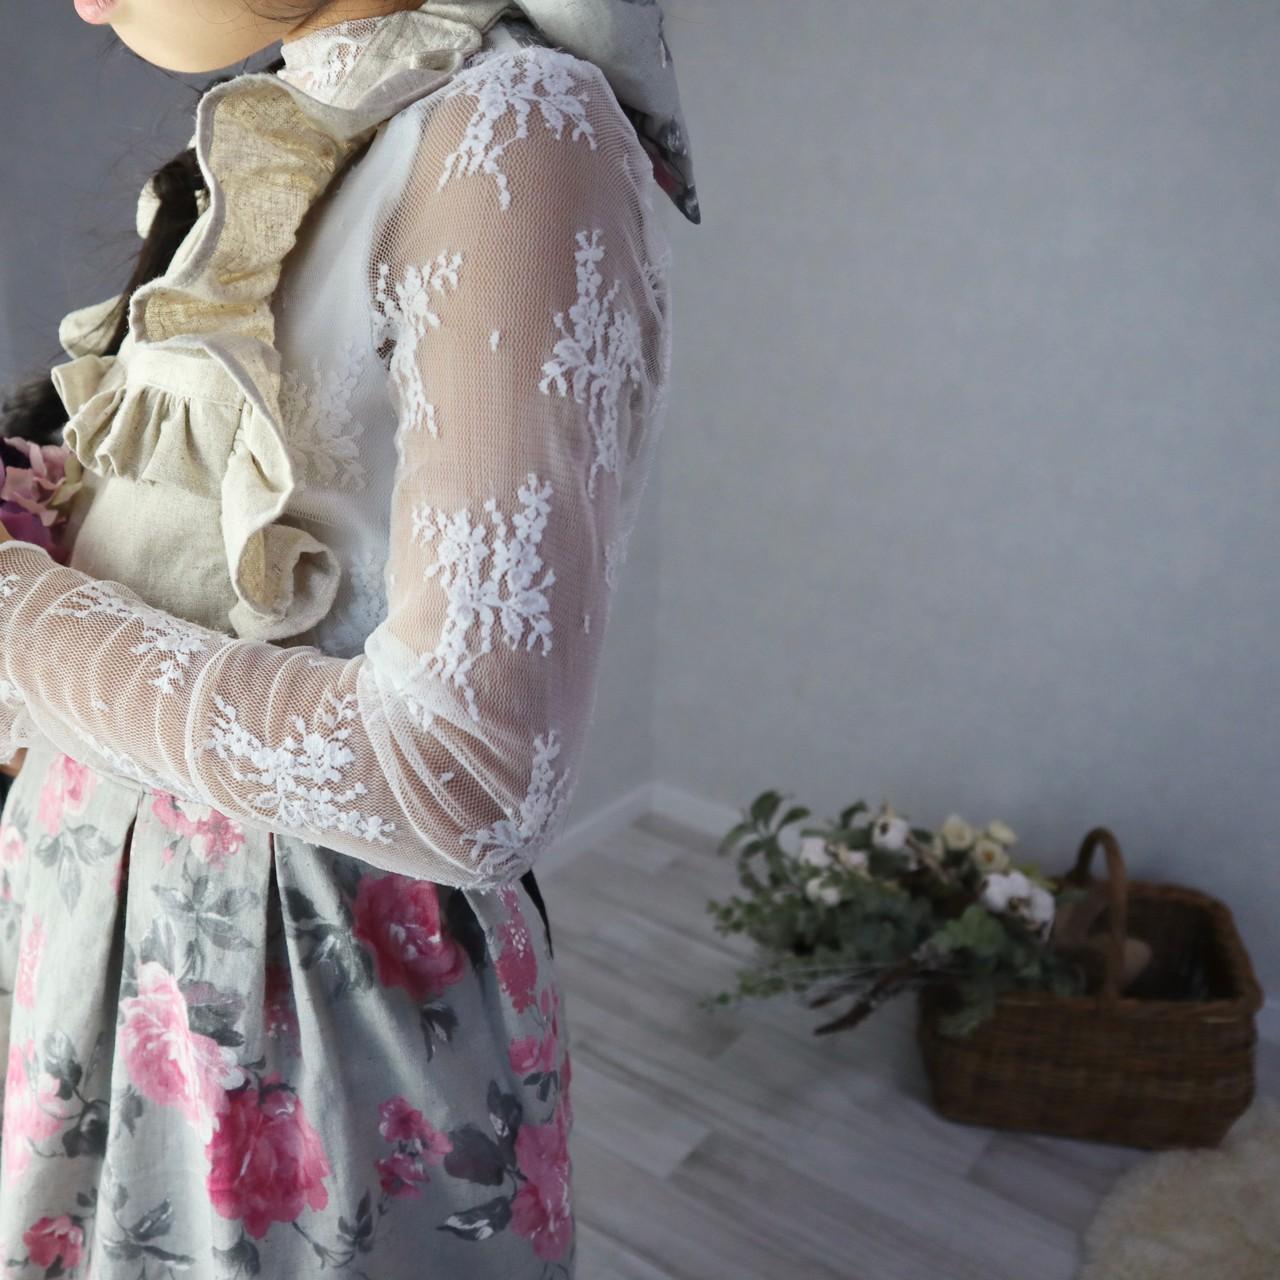 出産祝い・ギフト専門店 Rosetto(ロゼット)🌹リニューアルオープン!キャンペーン中です♥